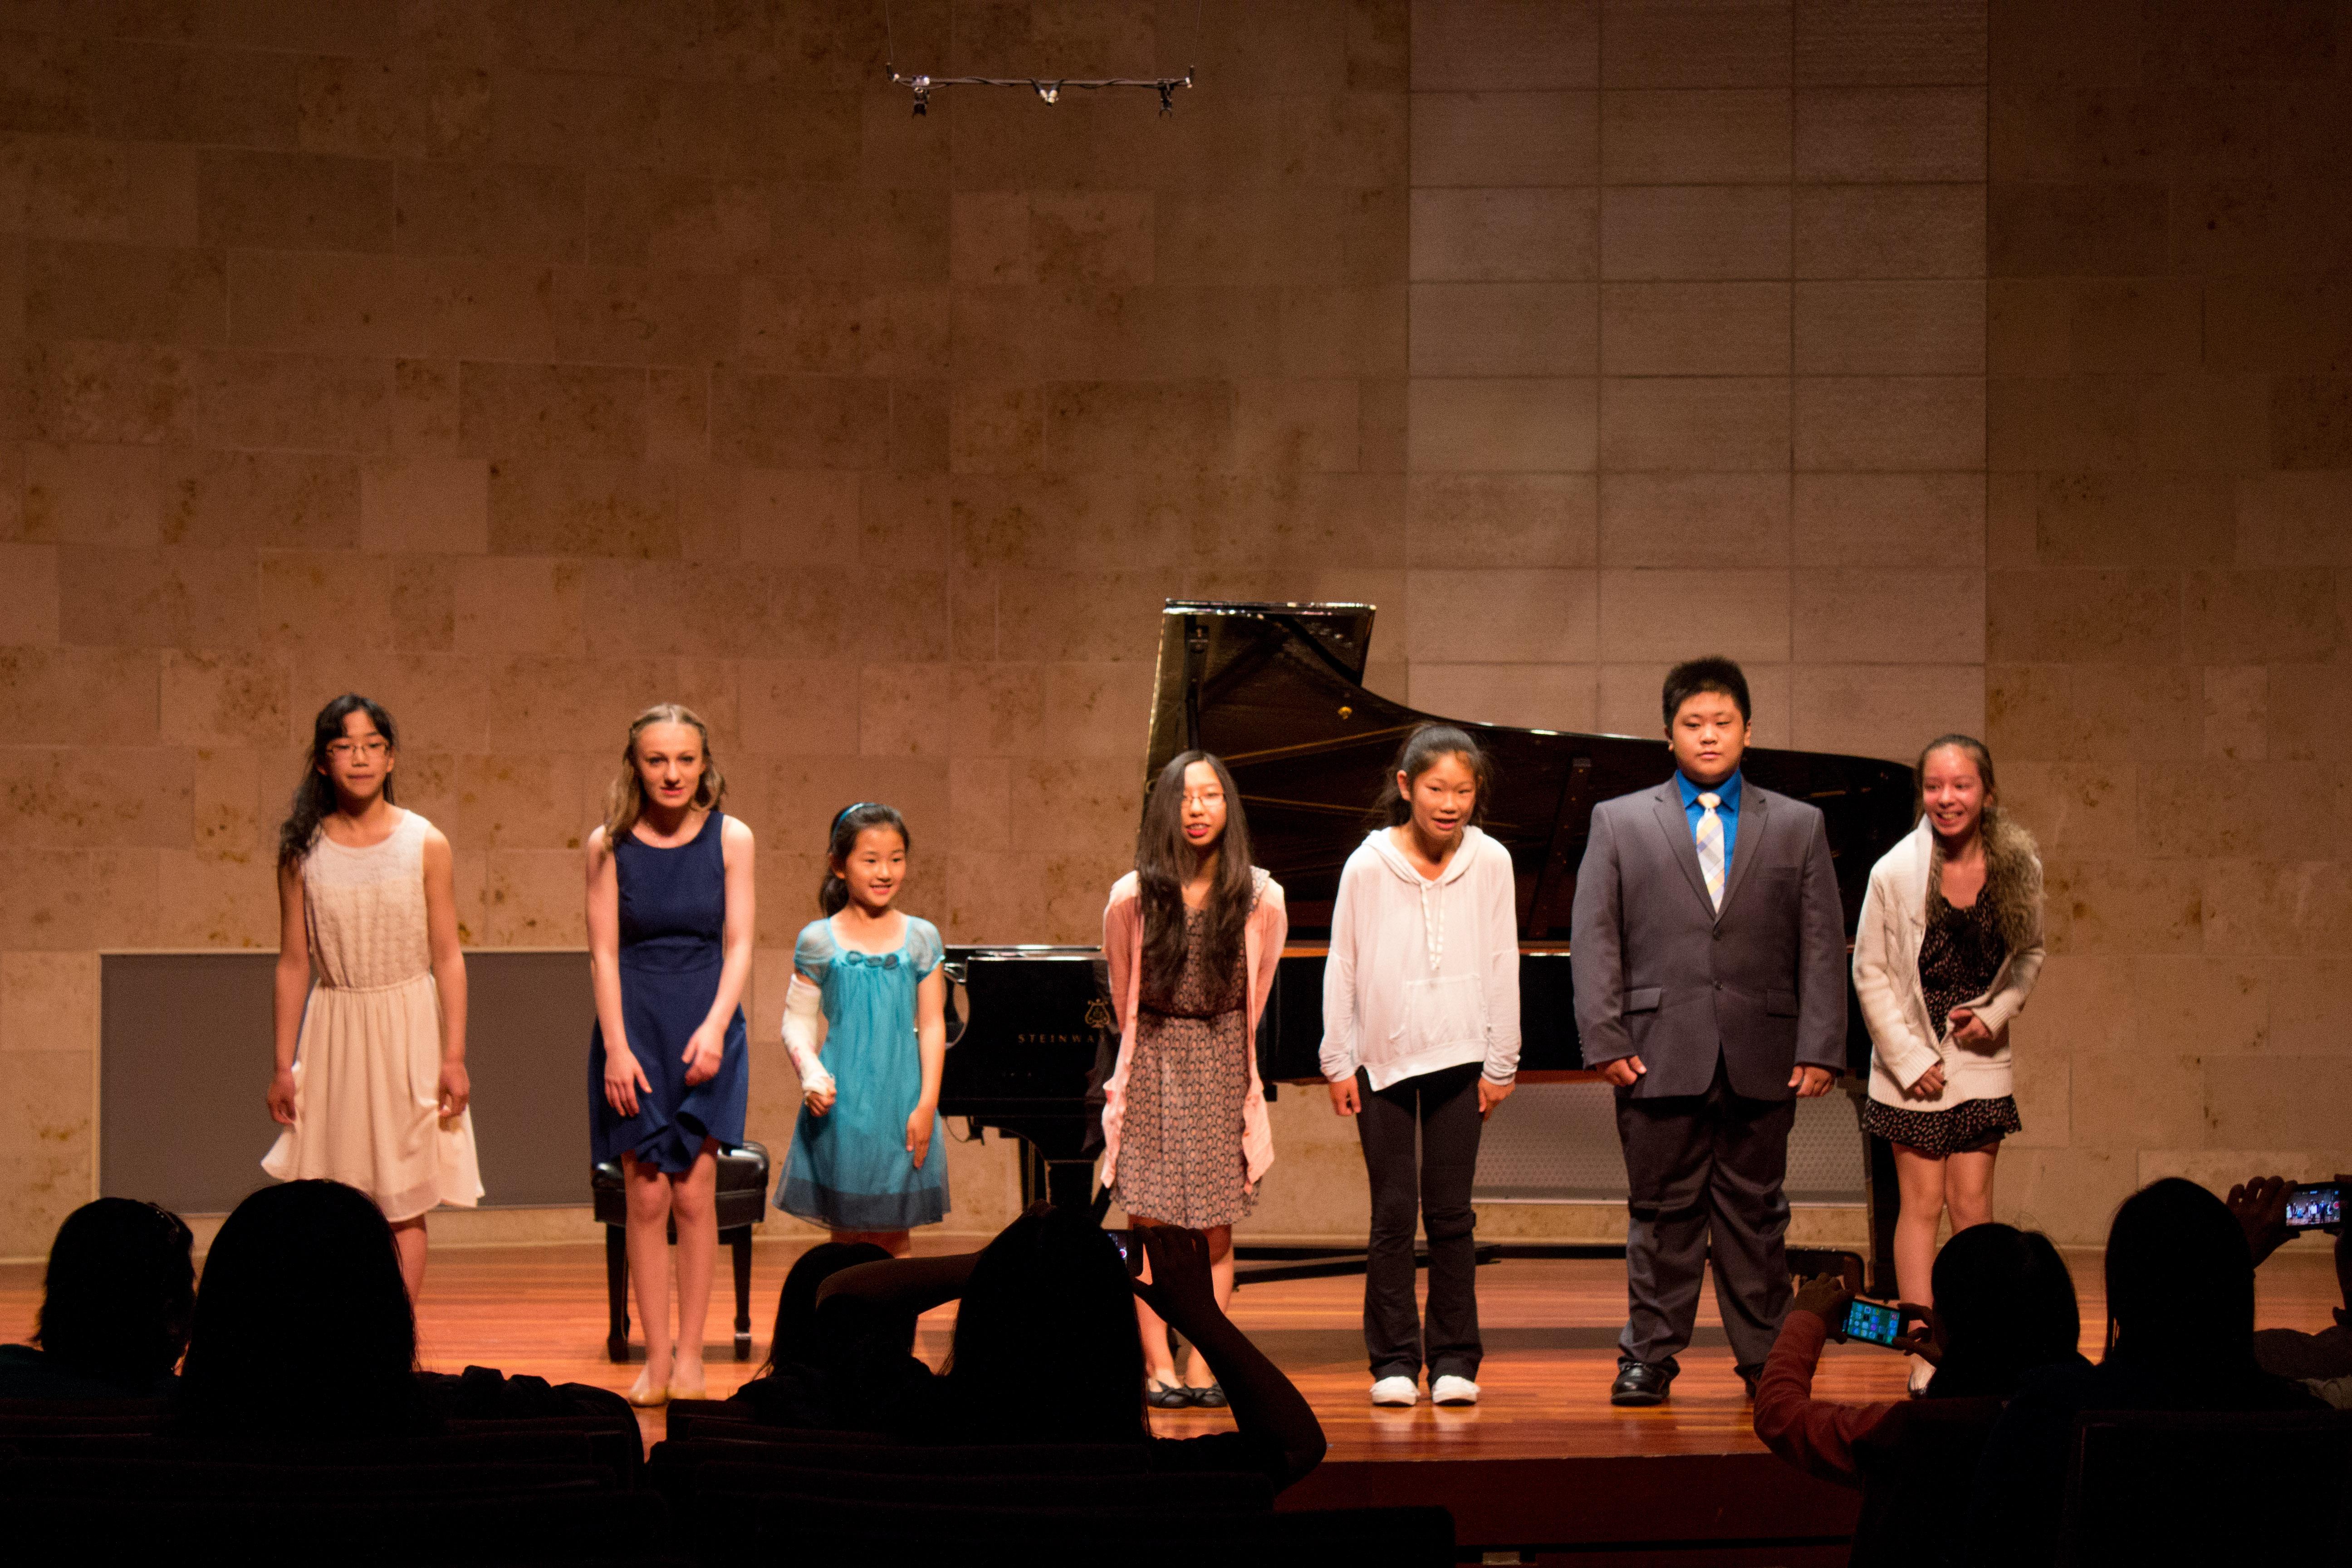 recitalspring14-4334